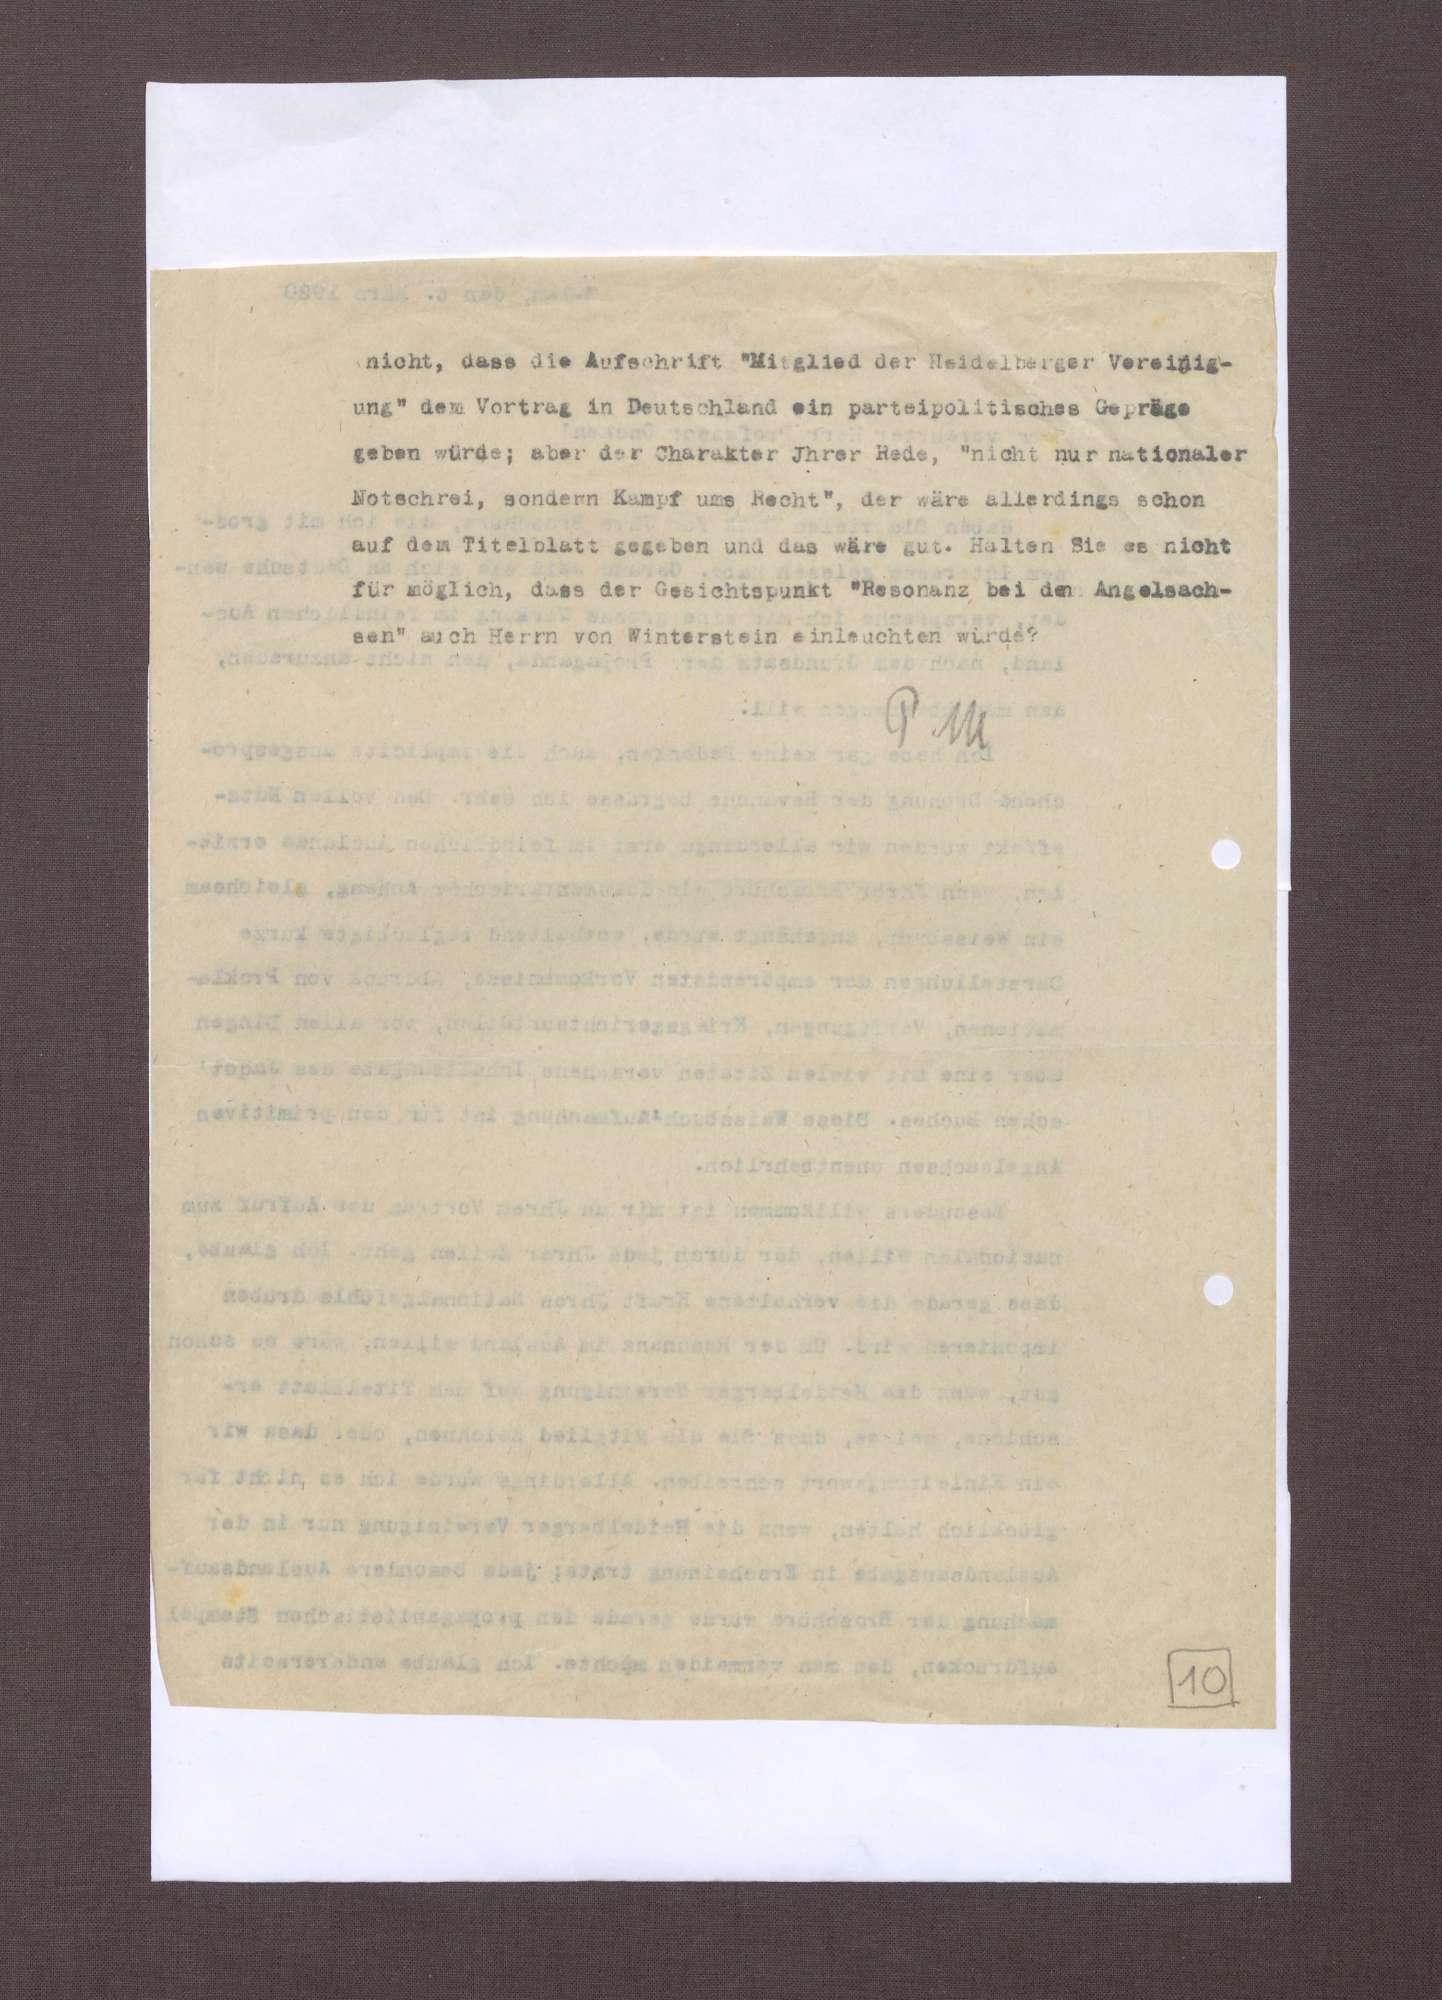 Schreiben von Prinz Max von Baden an Hermann Oncken; Übersendung einer Broschüre von Hermann Oncken und Einschätzungen zu dieser, Bild 2